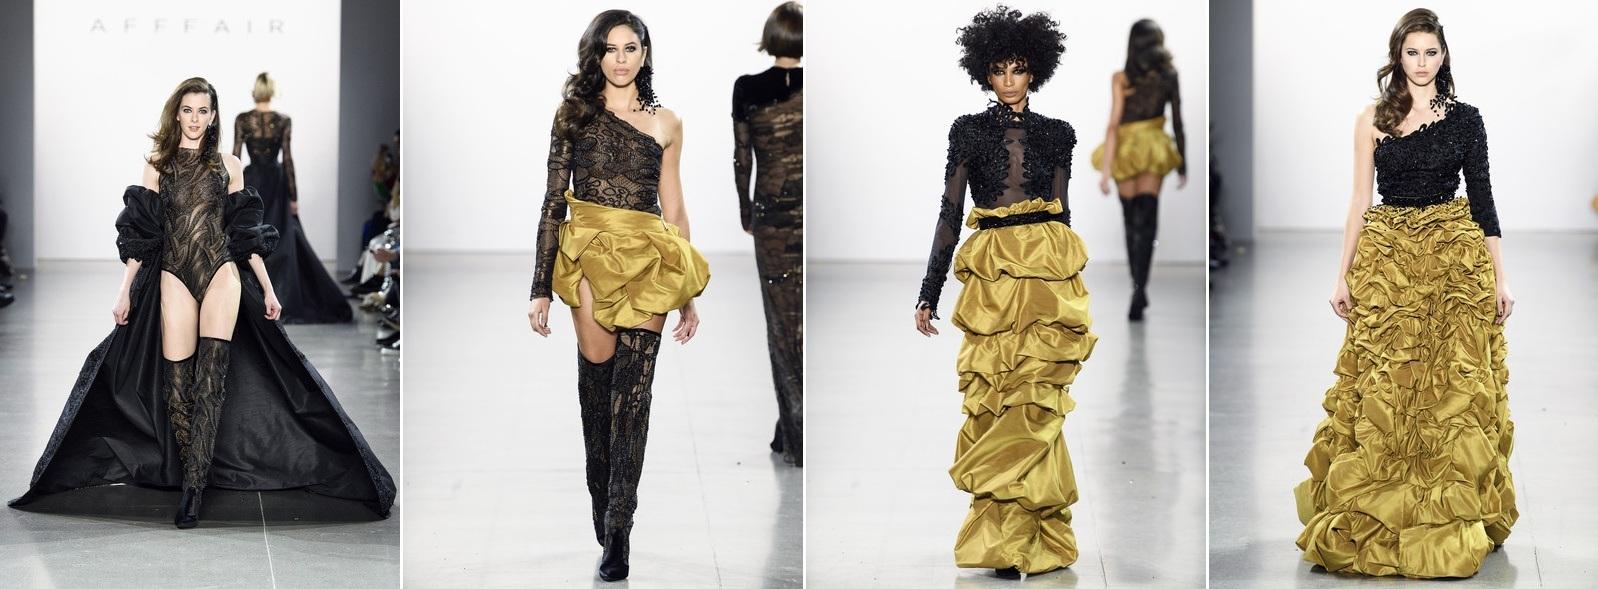 Азербайджанский дизайнер представил коллекцию «Эффект бабочки» на подиуме Недели моды в Нью-Йорке